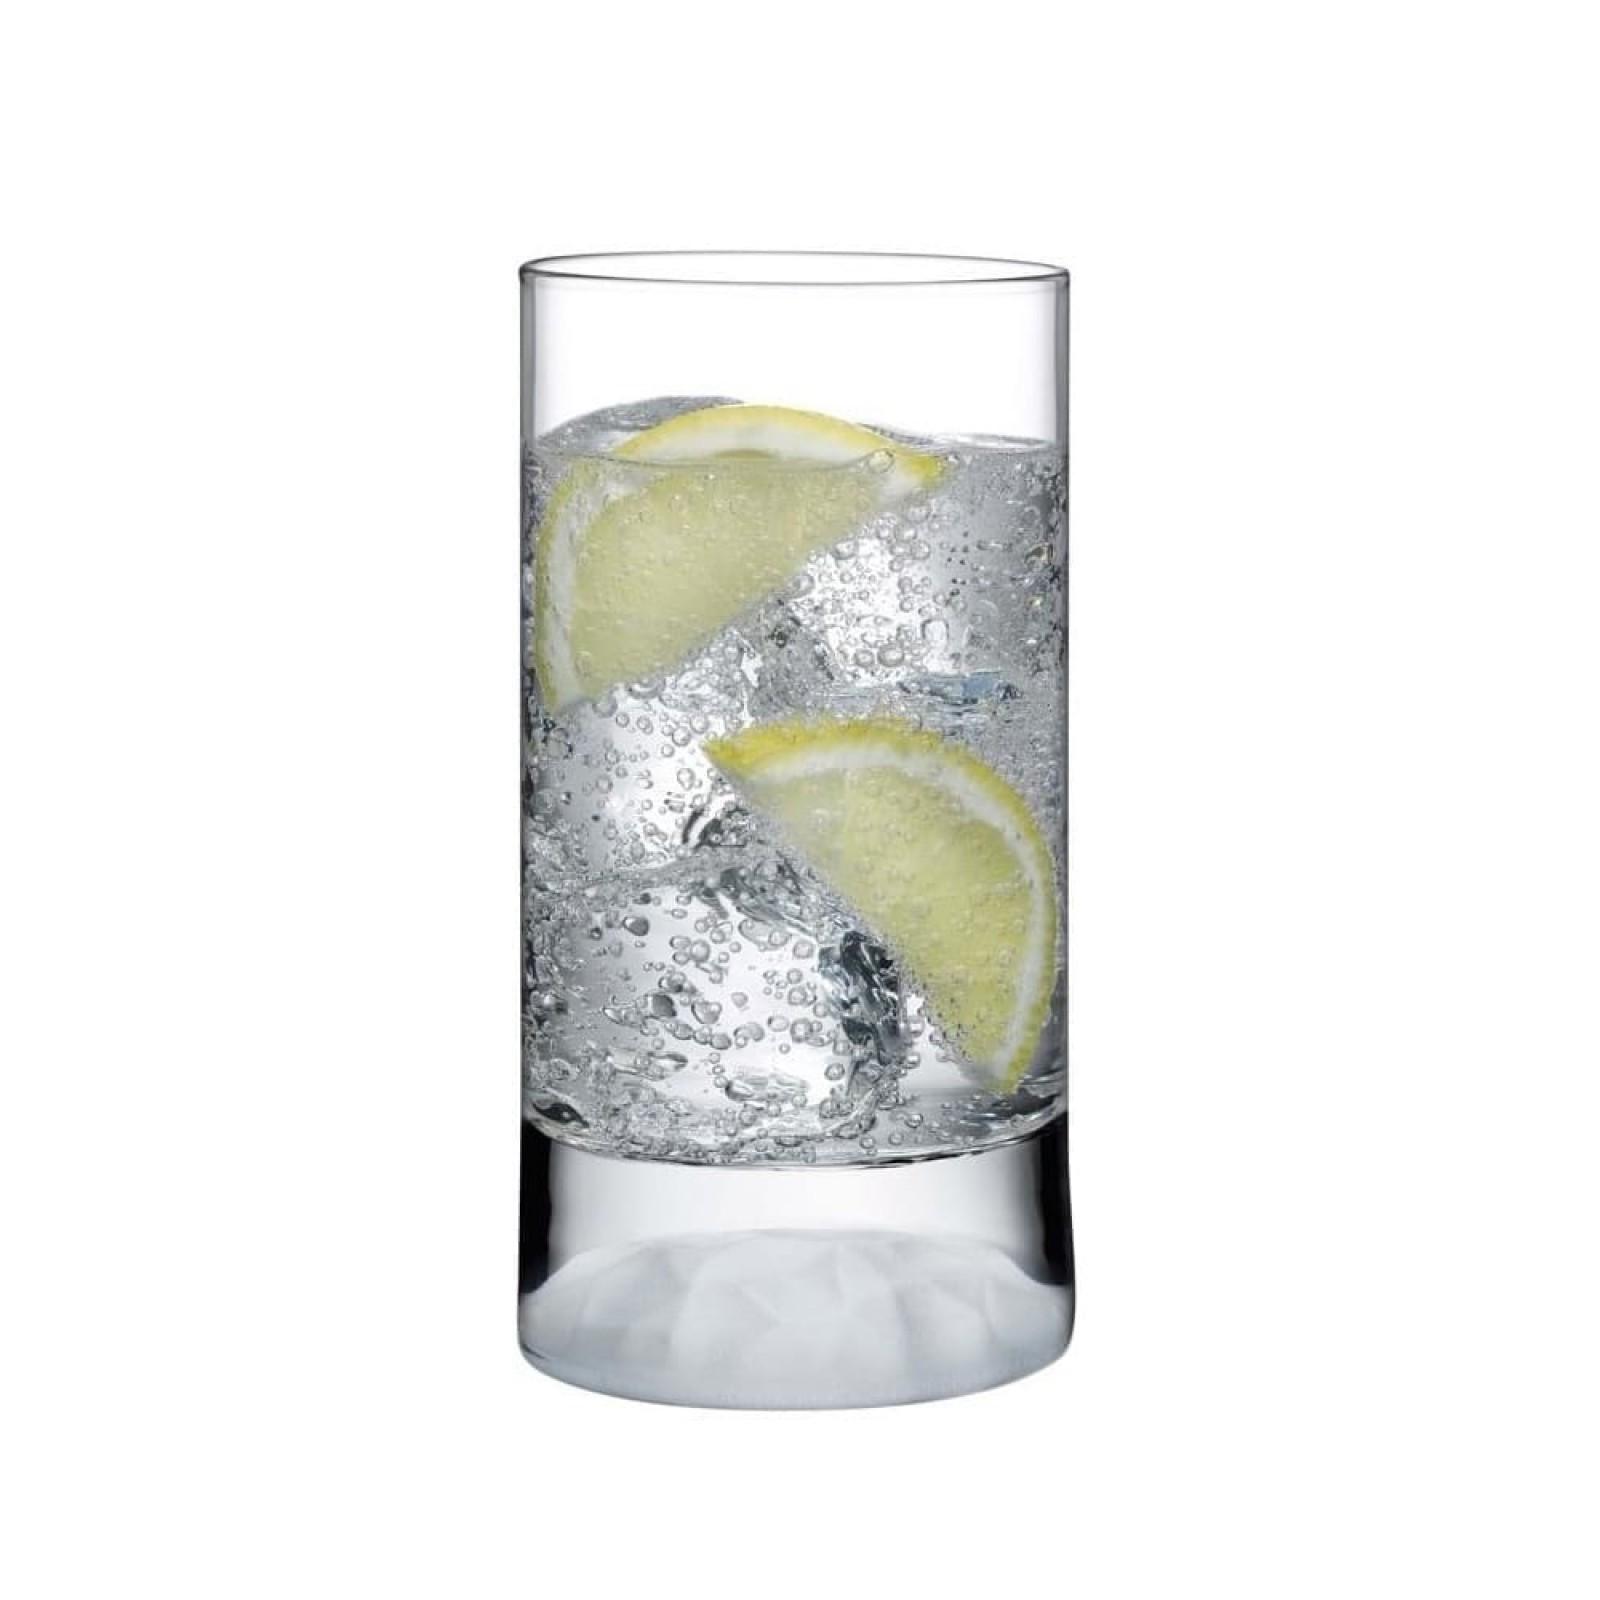 Ψηλά Ποτήρια Club Ice High Ball 280 ml. (Σετ των 4) - Nude Glass